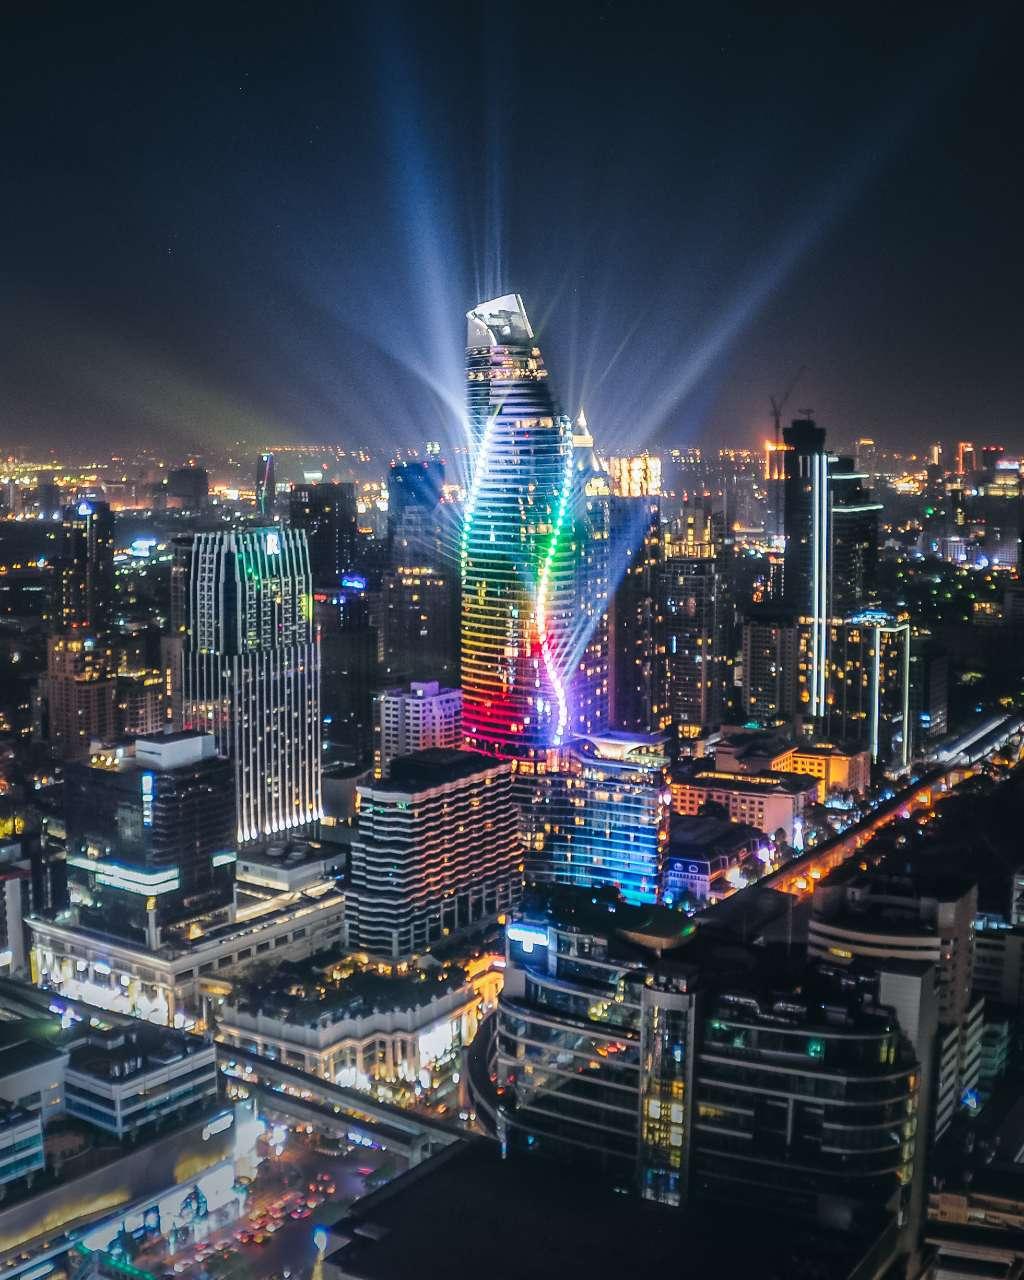 De King Power MahaNakhon in Thailand die een spectaculaire lichtshow afgeeft